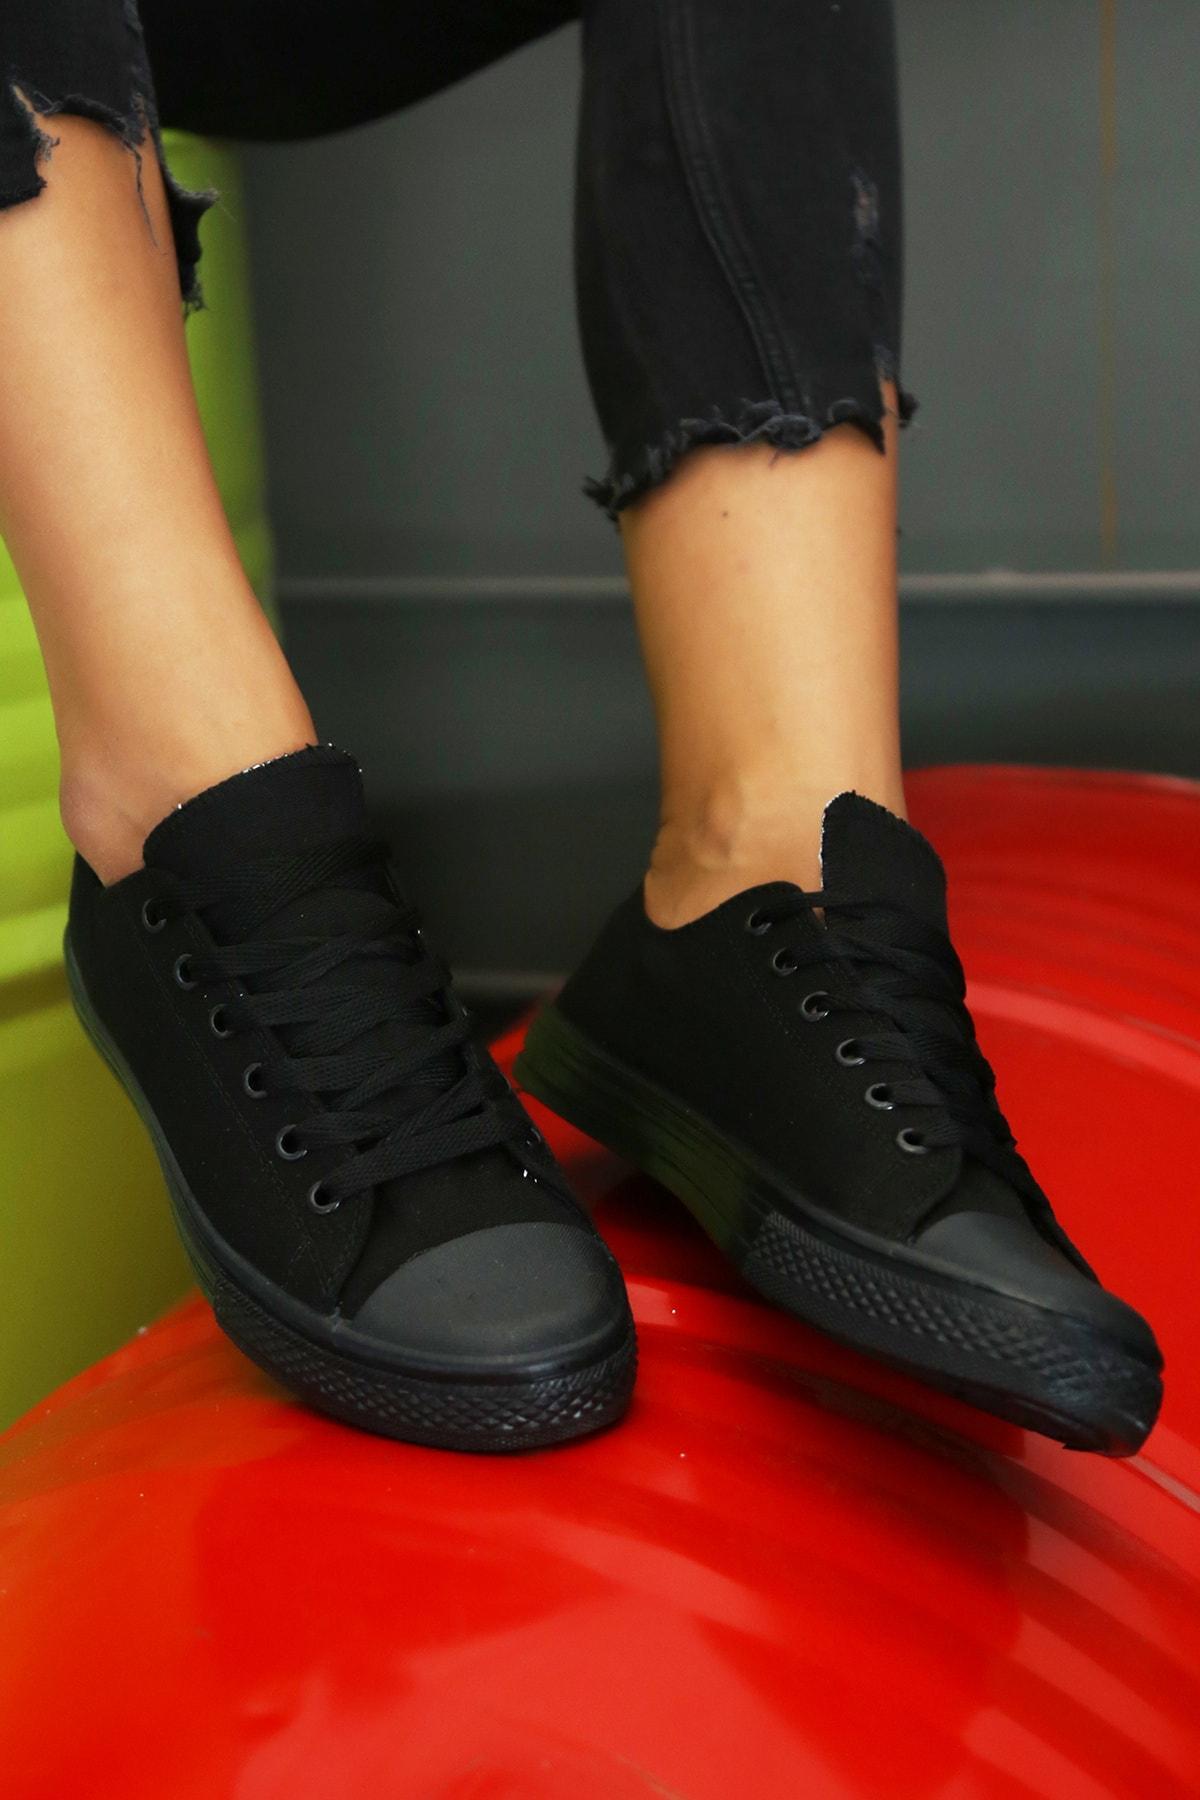 S1441 Kadın Siyah Ayakkabı 9999-19-100165 1